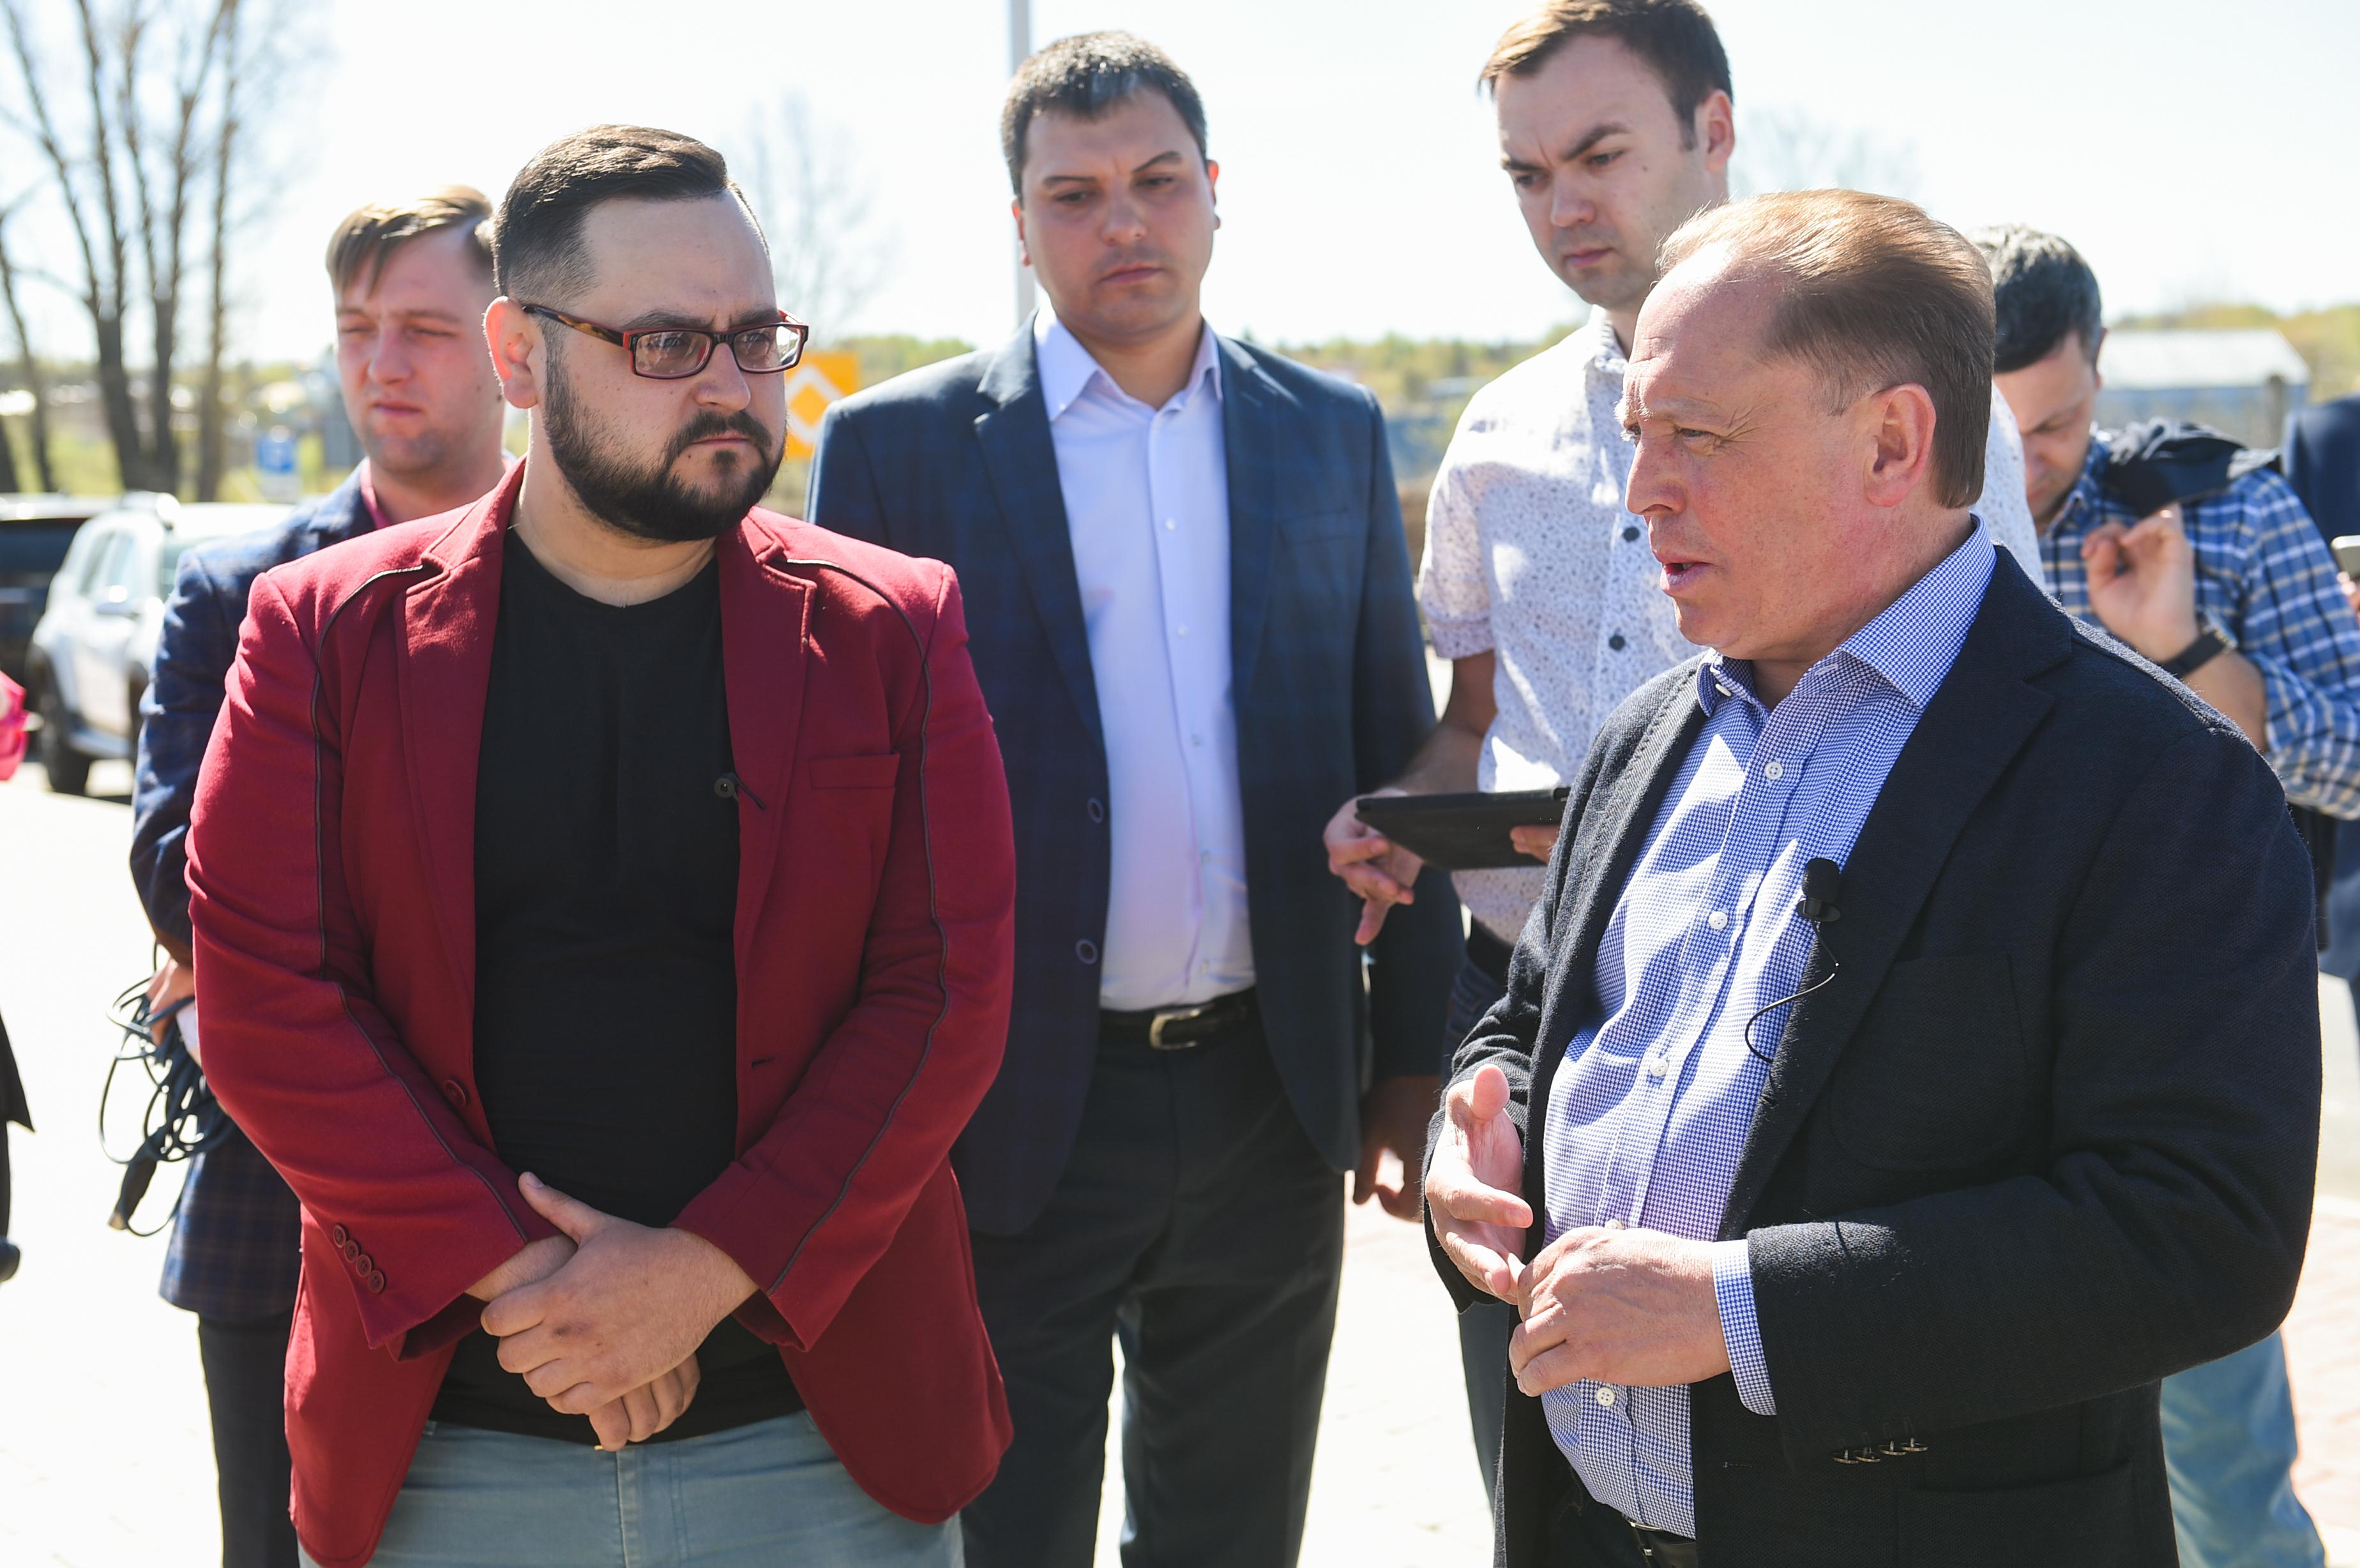 Айдар Метшин о зарплате в 109 тыс, секс-меньшинствах и заводе по производству брусчатки (ВИДЕО)